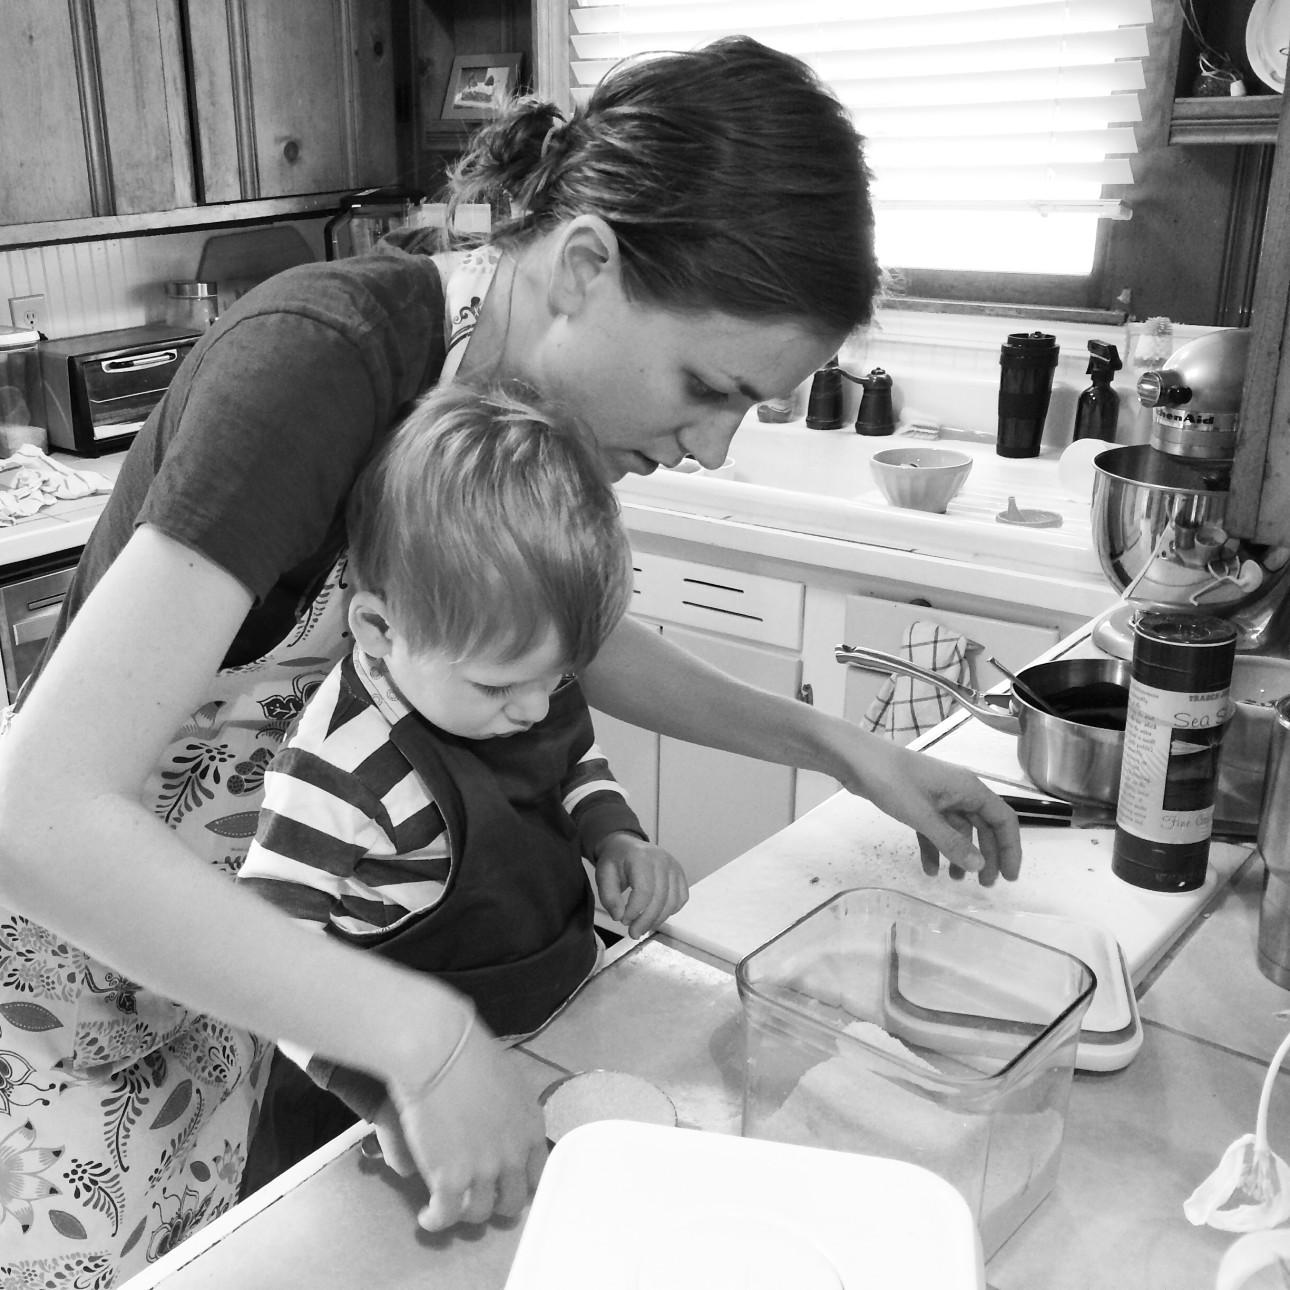 Yogurt cake baking